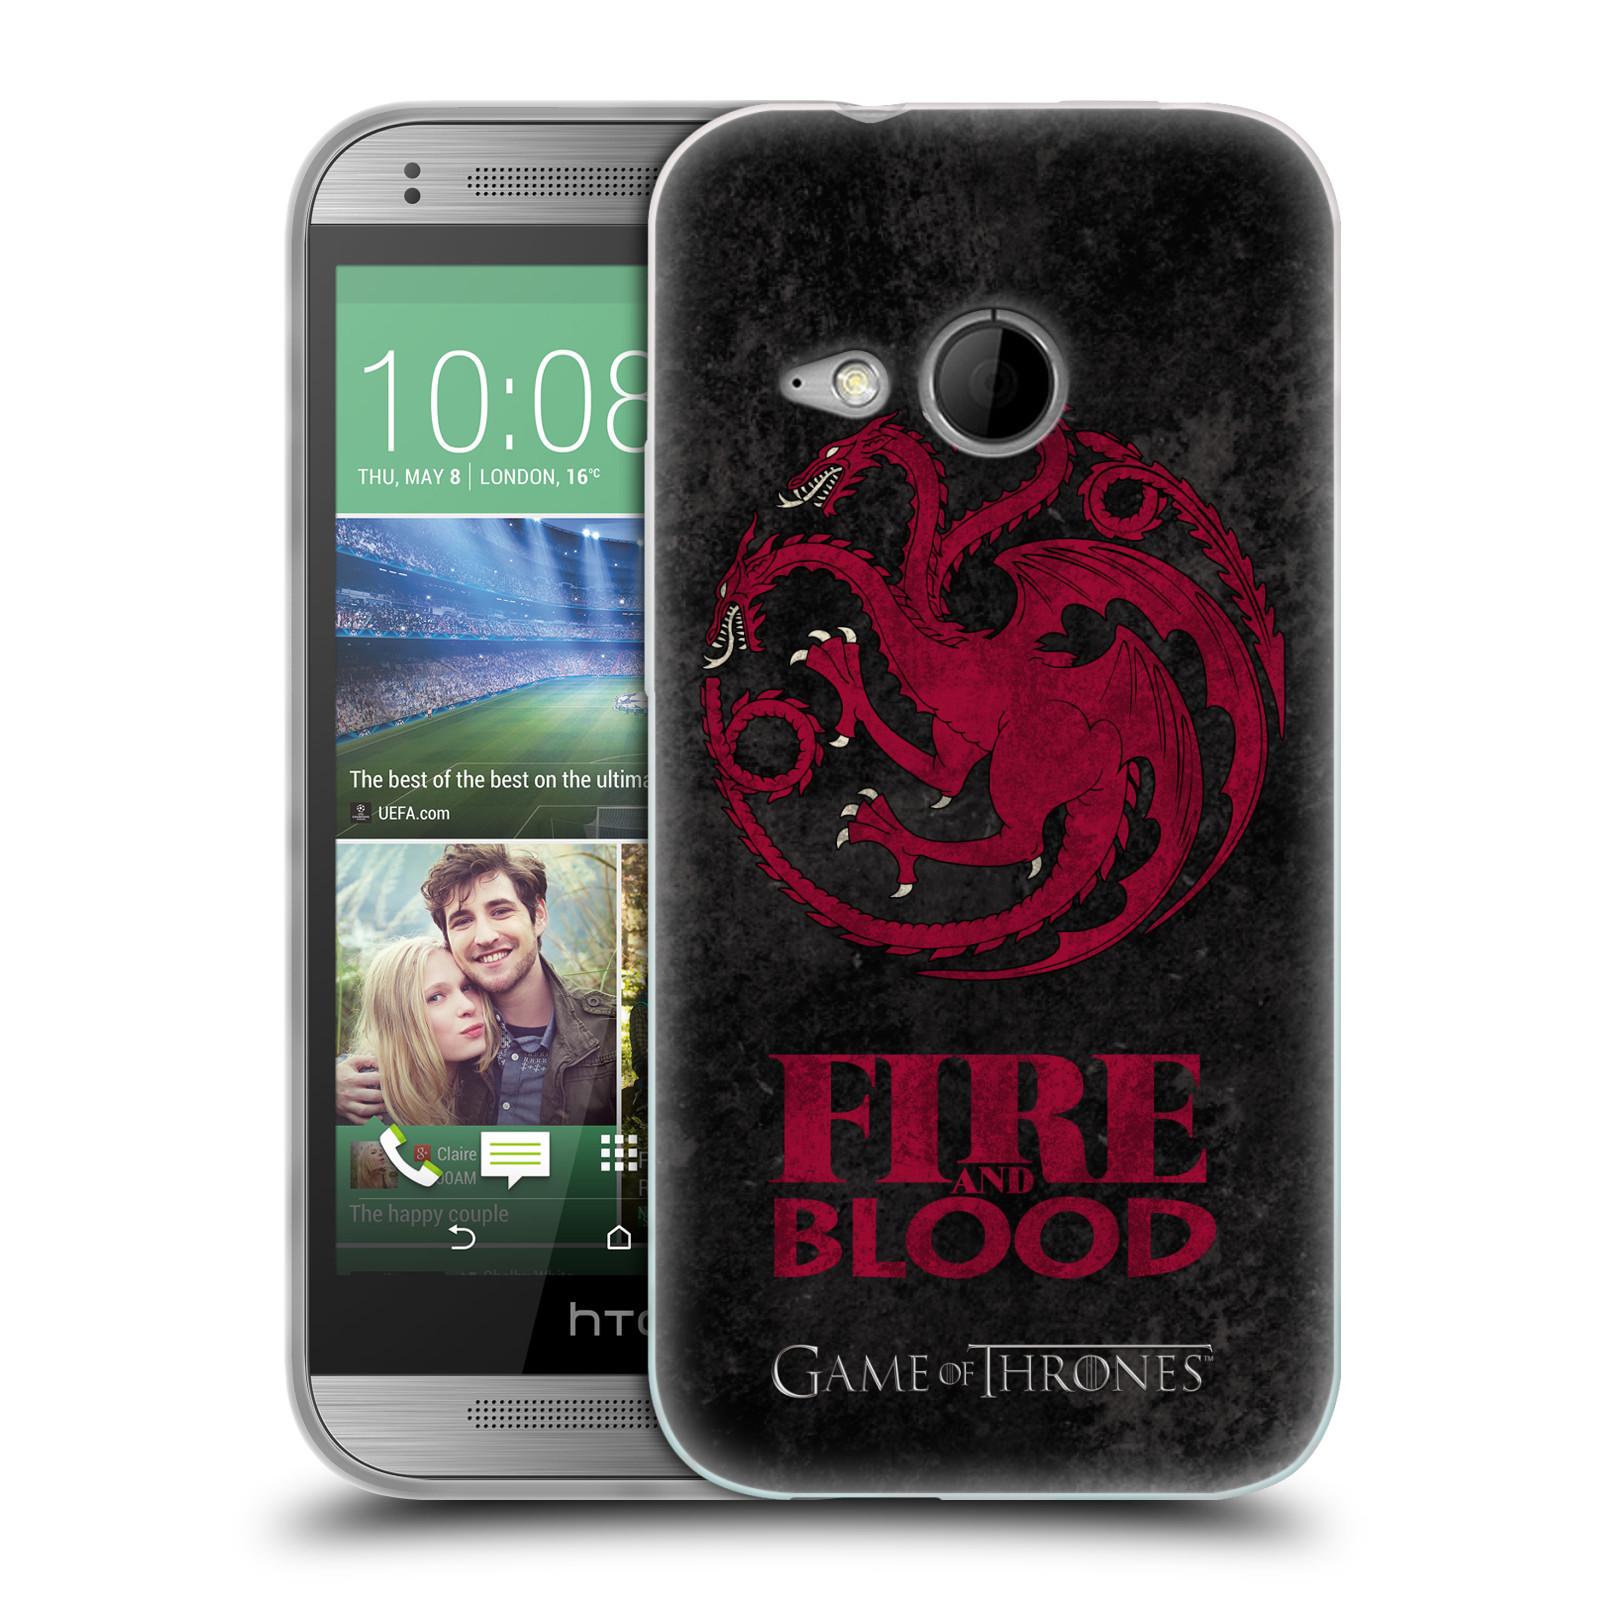 Silikonové pouzdro na mobil HTC ONE Mini 2 HEAD CASE Hra o trůny - Sigils Targaryen - Fire and Blood (Silikonový kryt či obal na mobilní telefon s licencovaným motivem Hra o trůny - Game Of Thrones pro HTC ONE Mini 2)